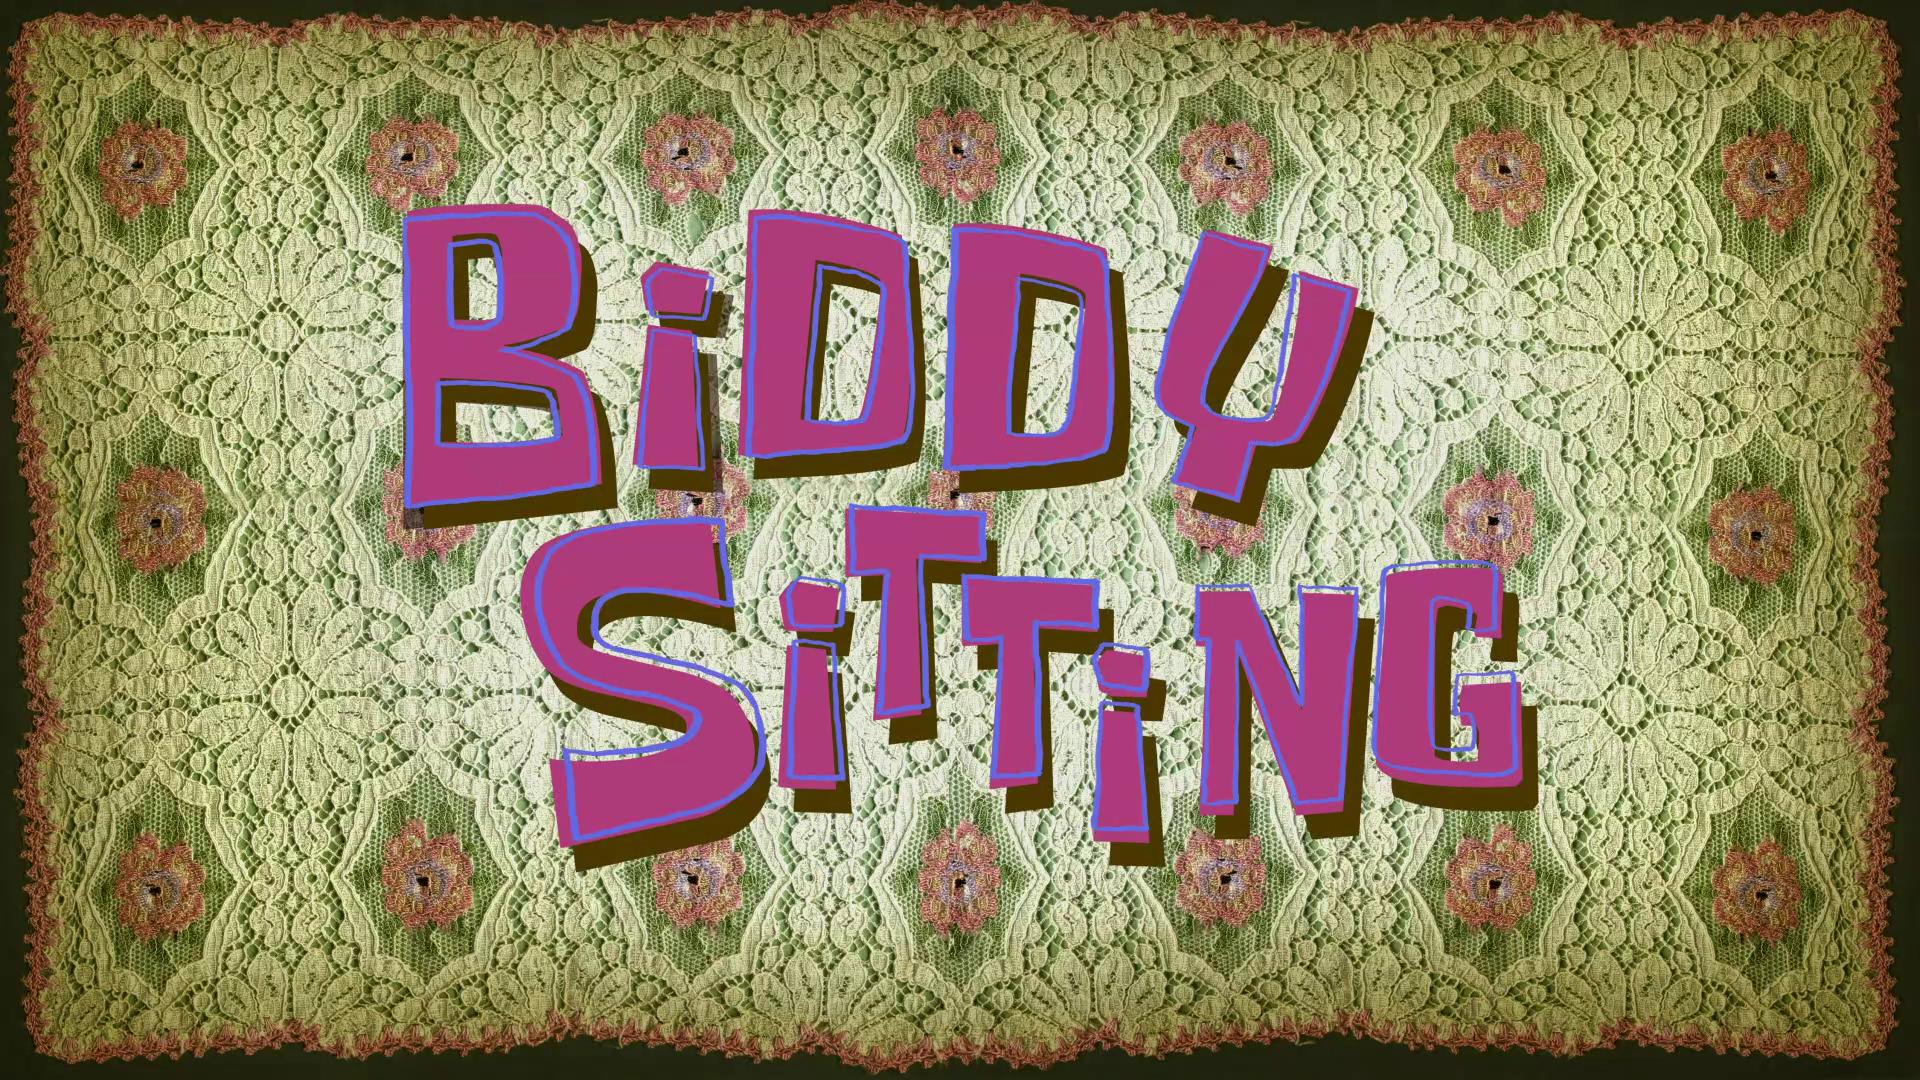 Biddy Sitting